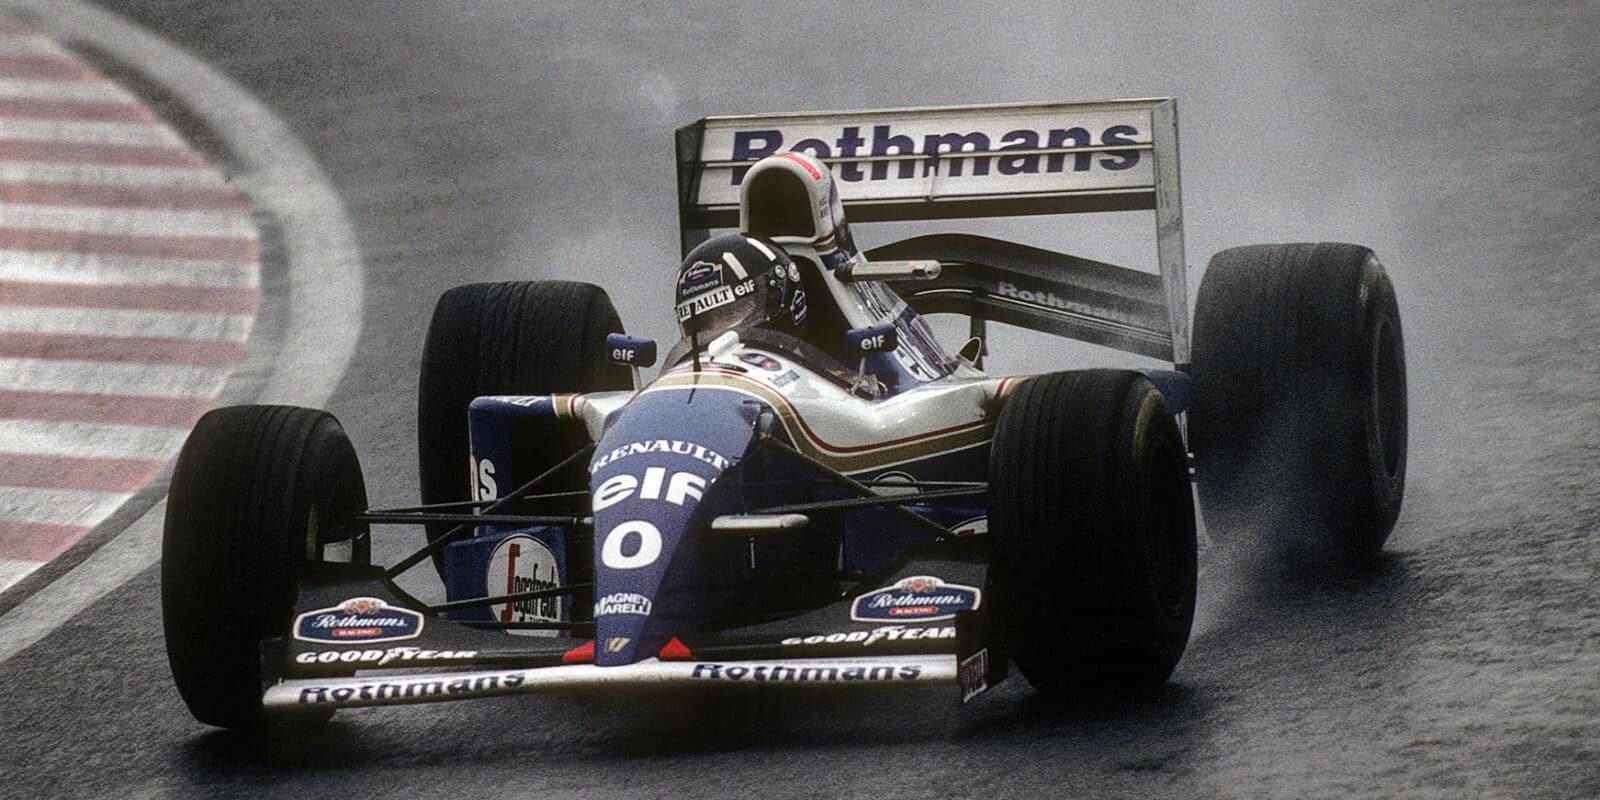 Středeční návrat do historie: GP Japonska 1994